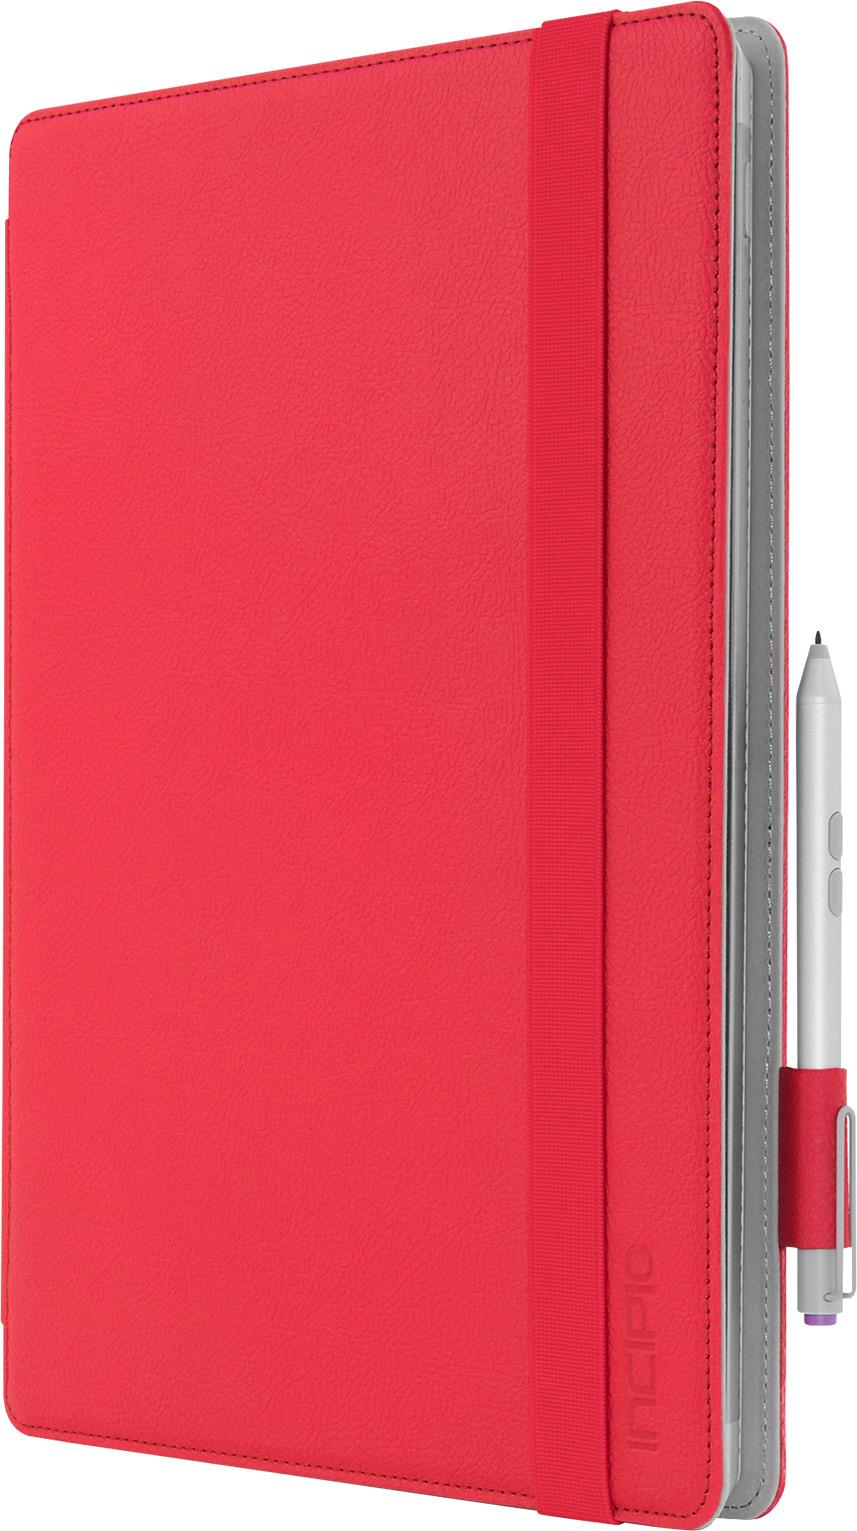 Incipio Roosevelt Folio for Surface Pro